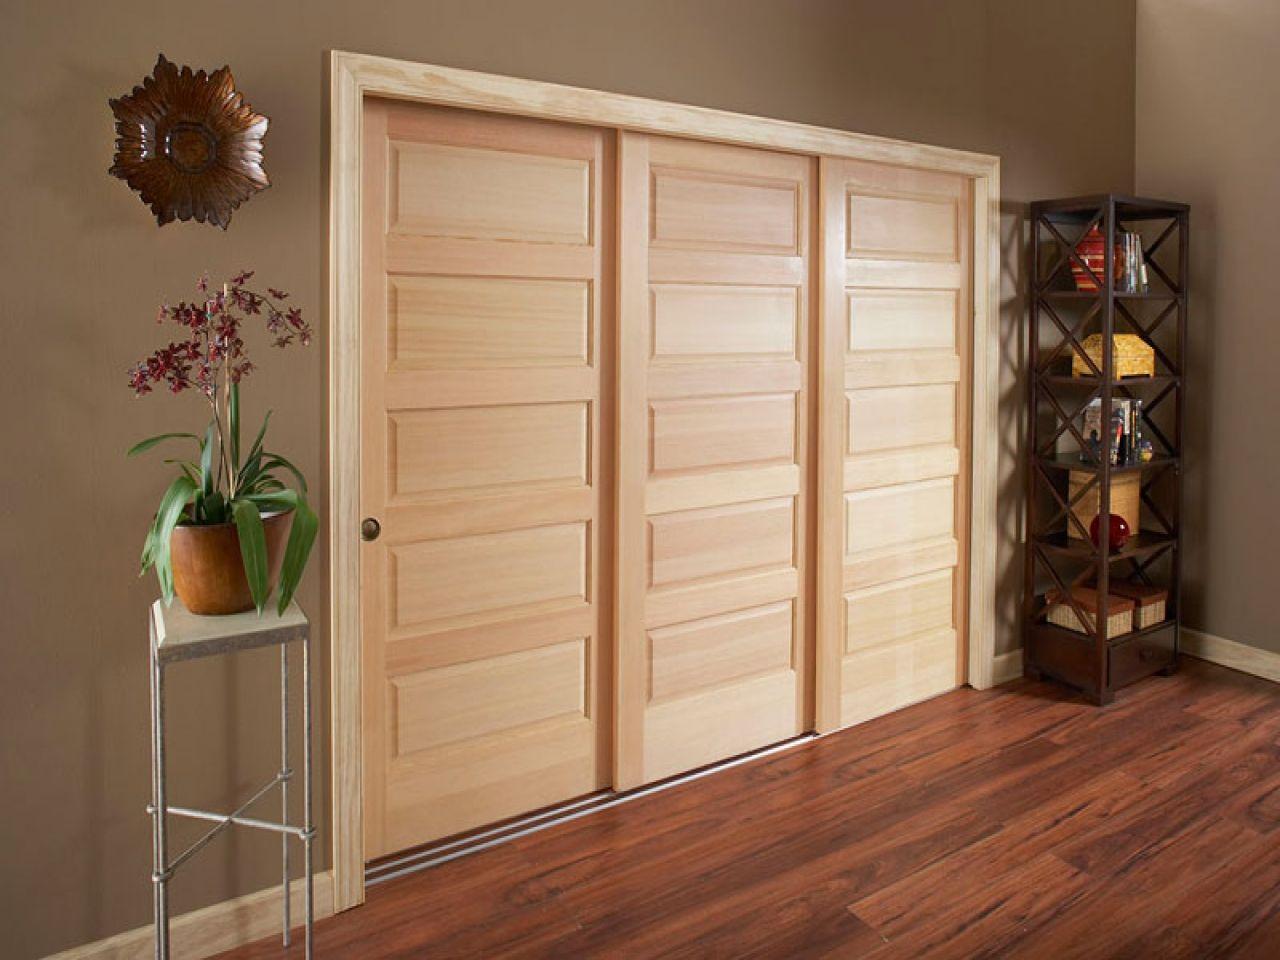 Nice Home Depot Sliding Closet Doors For Home Decoration Ideas